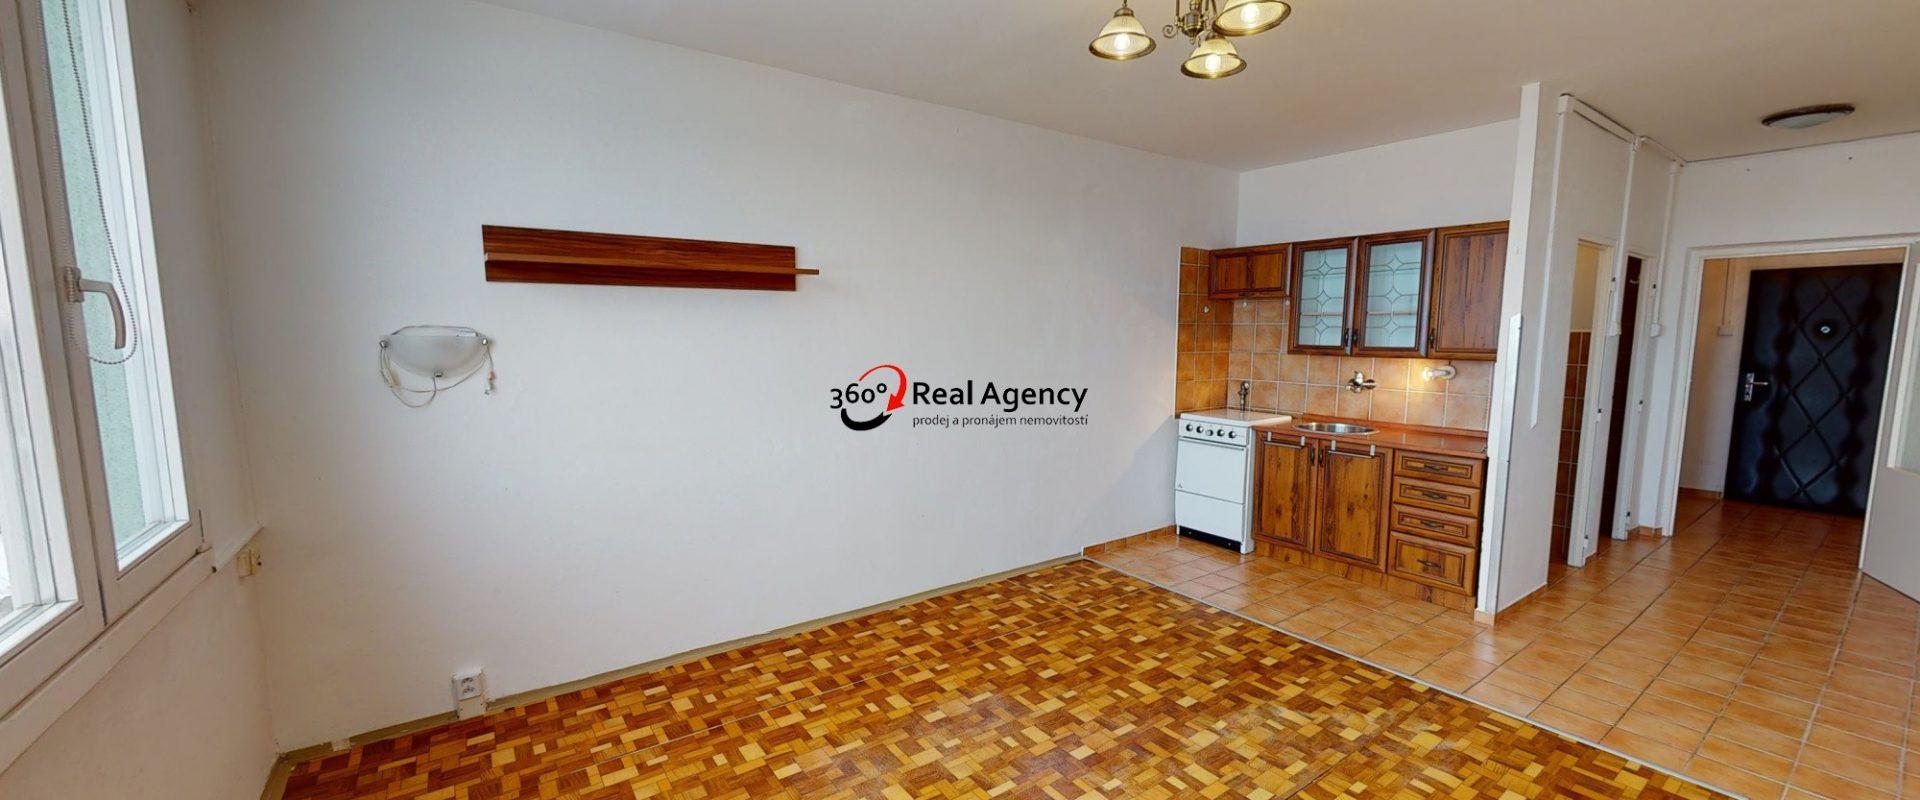 Prodej bytu 1+kk 30 m², ul. Jahodová, Praha 10 – Záběhlice.